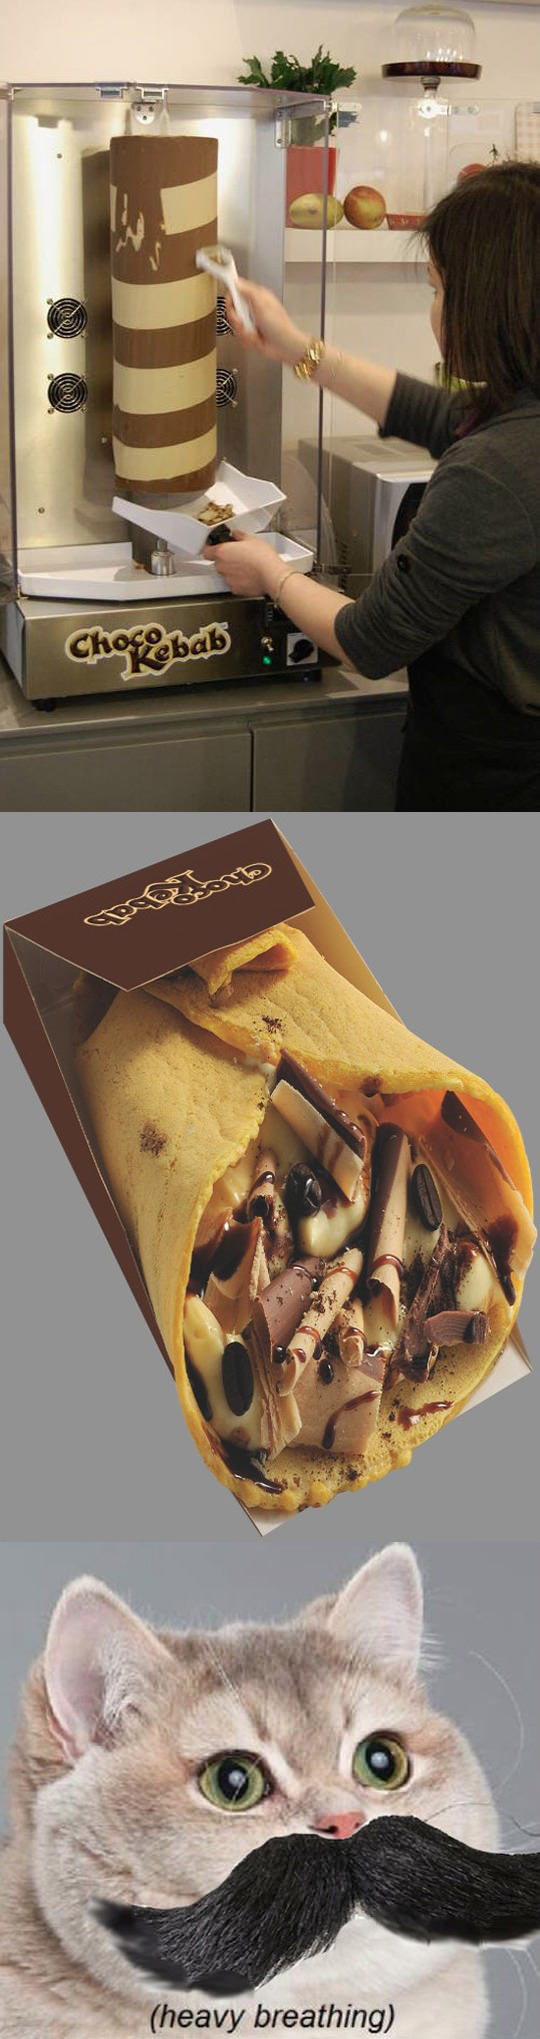 Chocolate Kebab Is Here